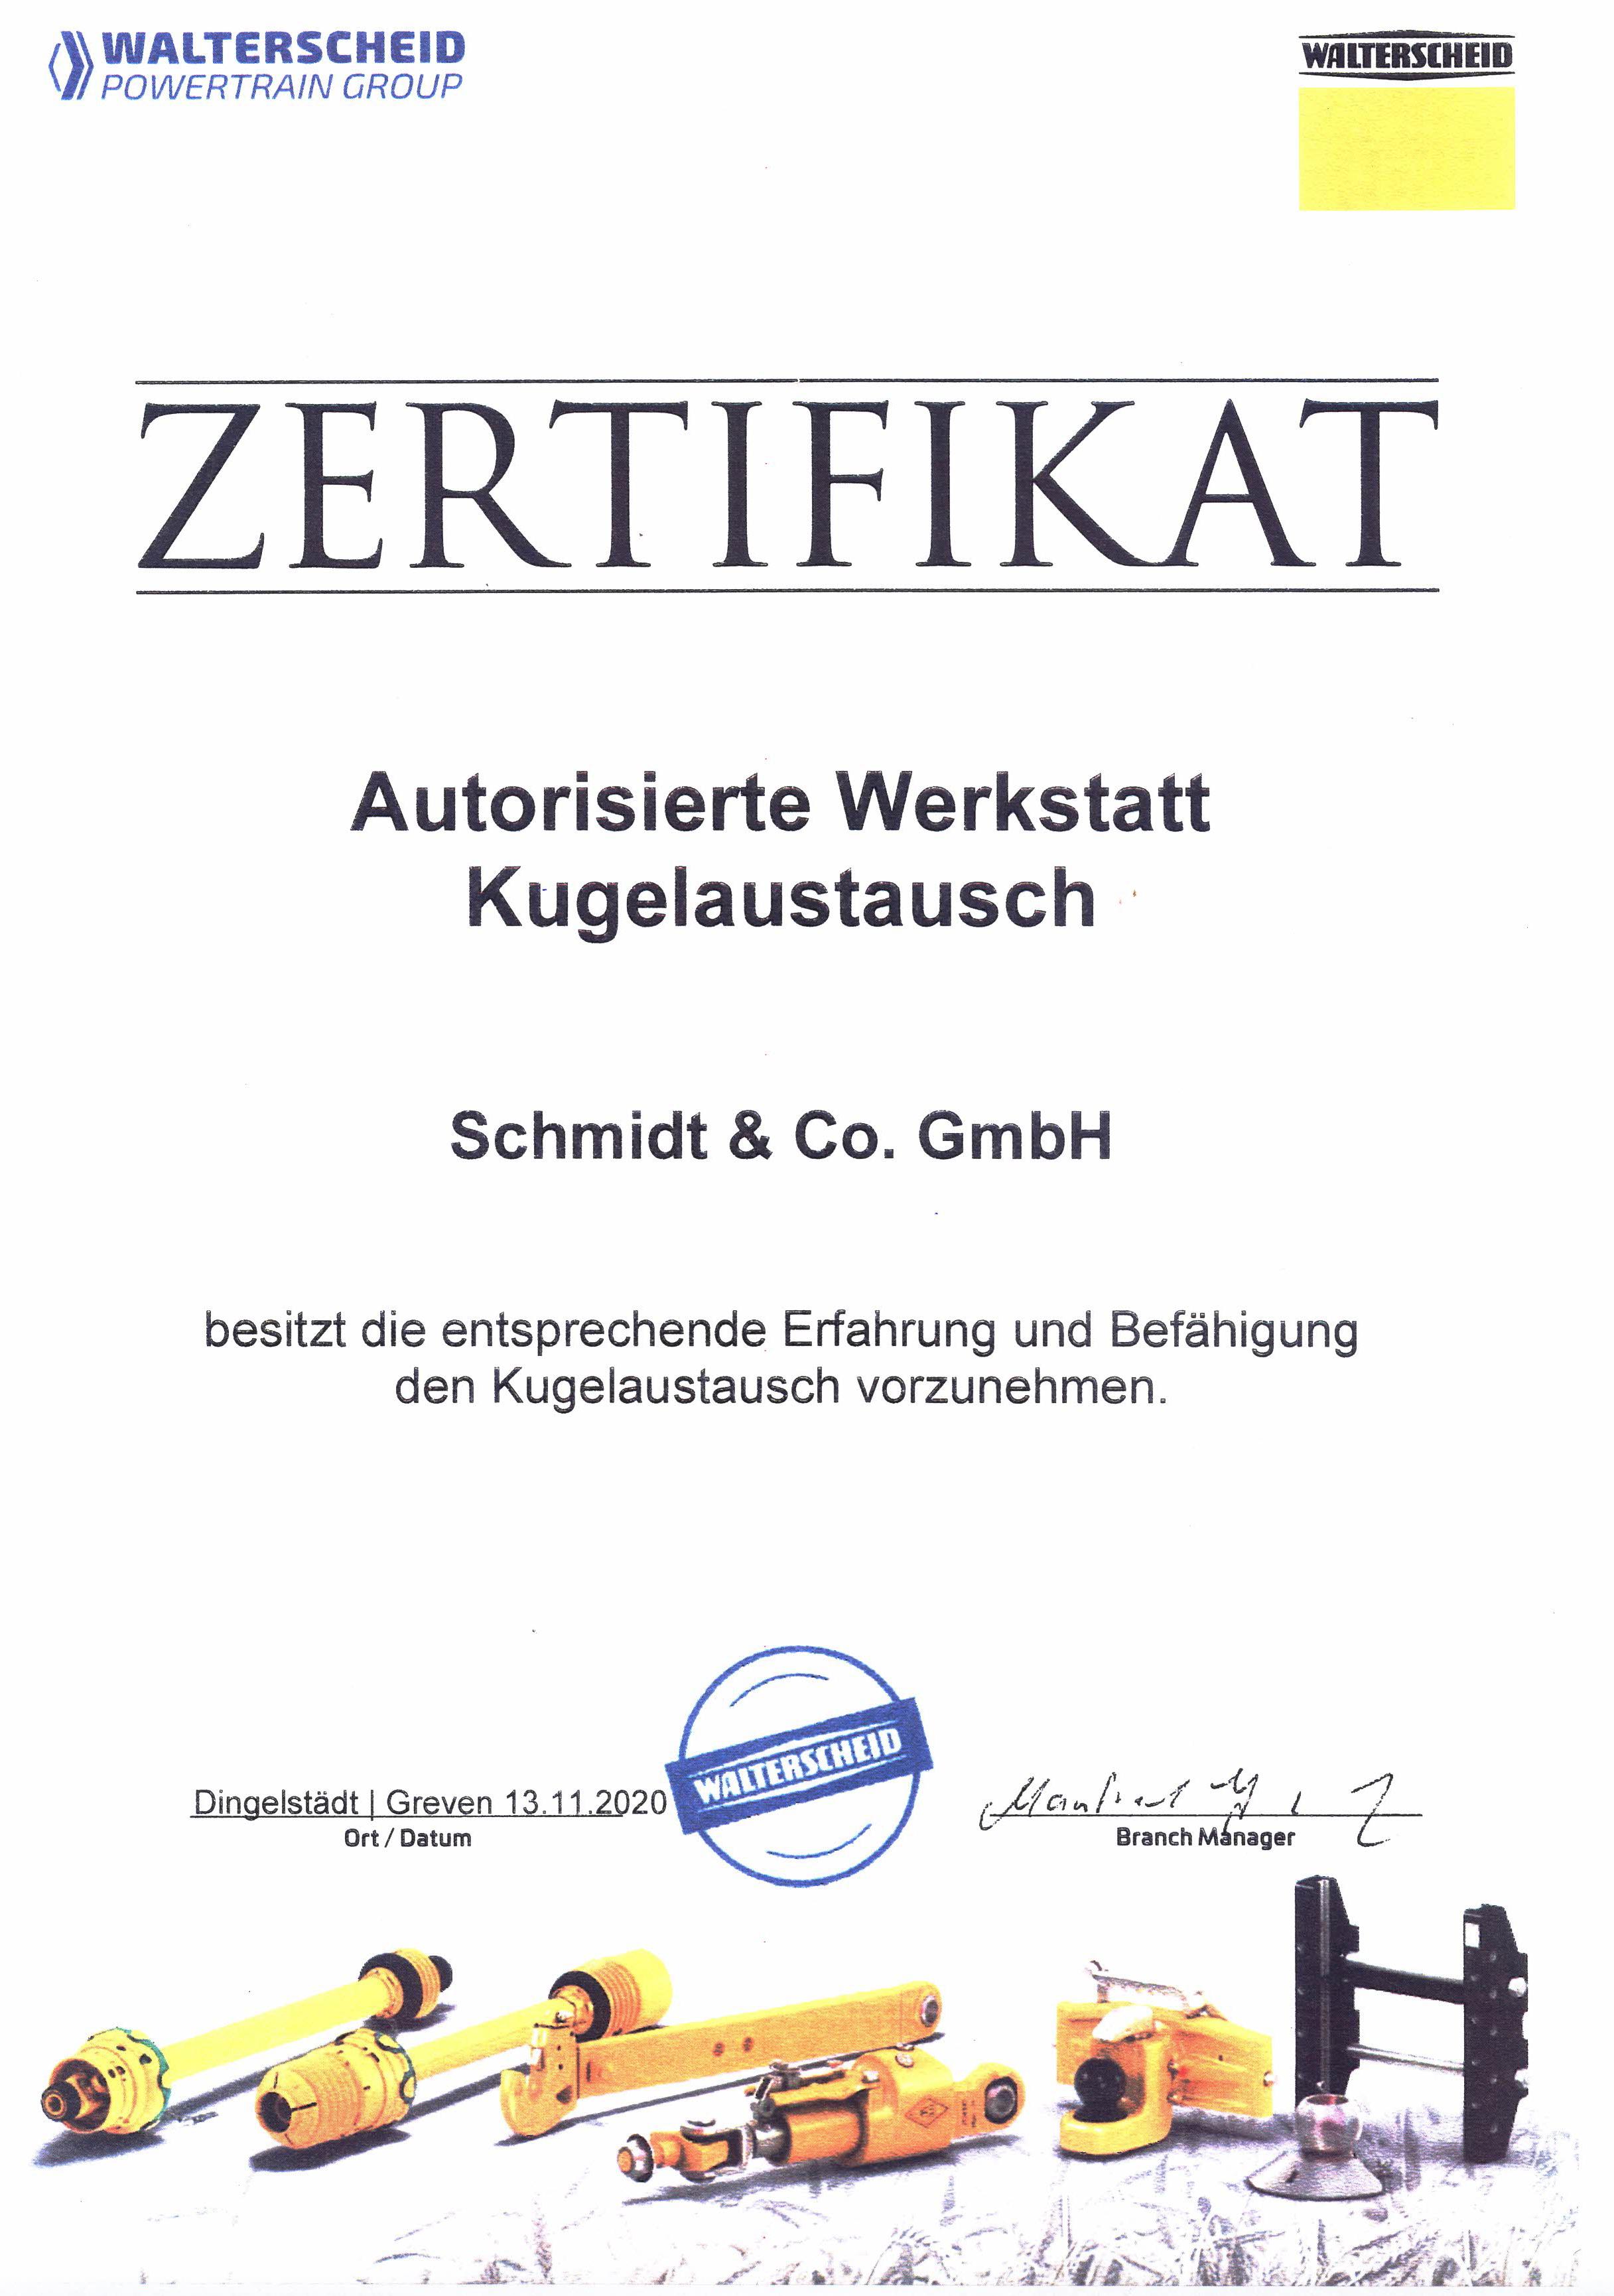 Zertifikat Walterscheid